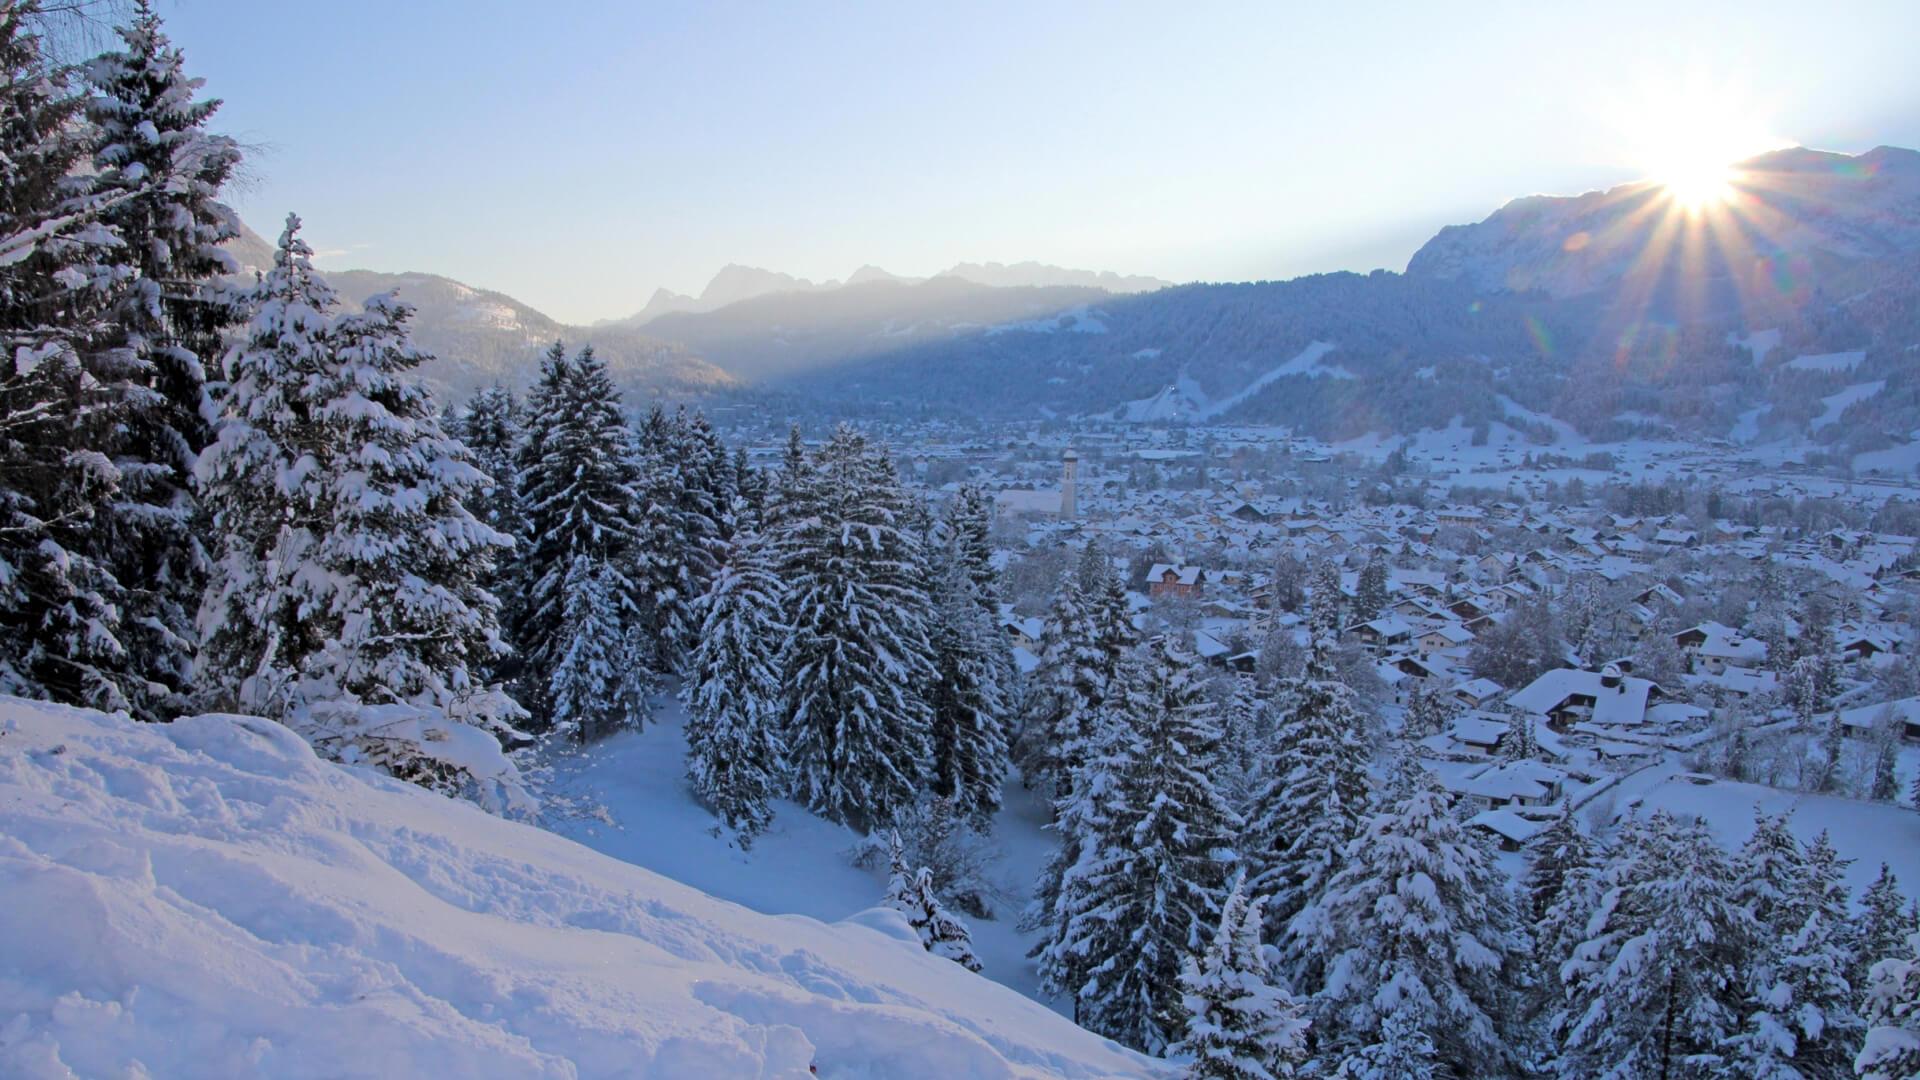 Winterurlaub in Garmisch-Partenkirchen – weiße Winterlandschaft